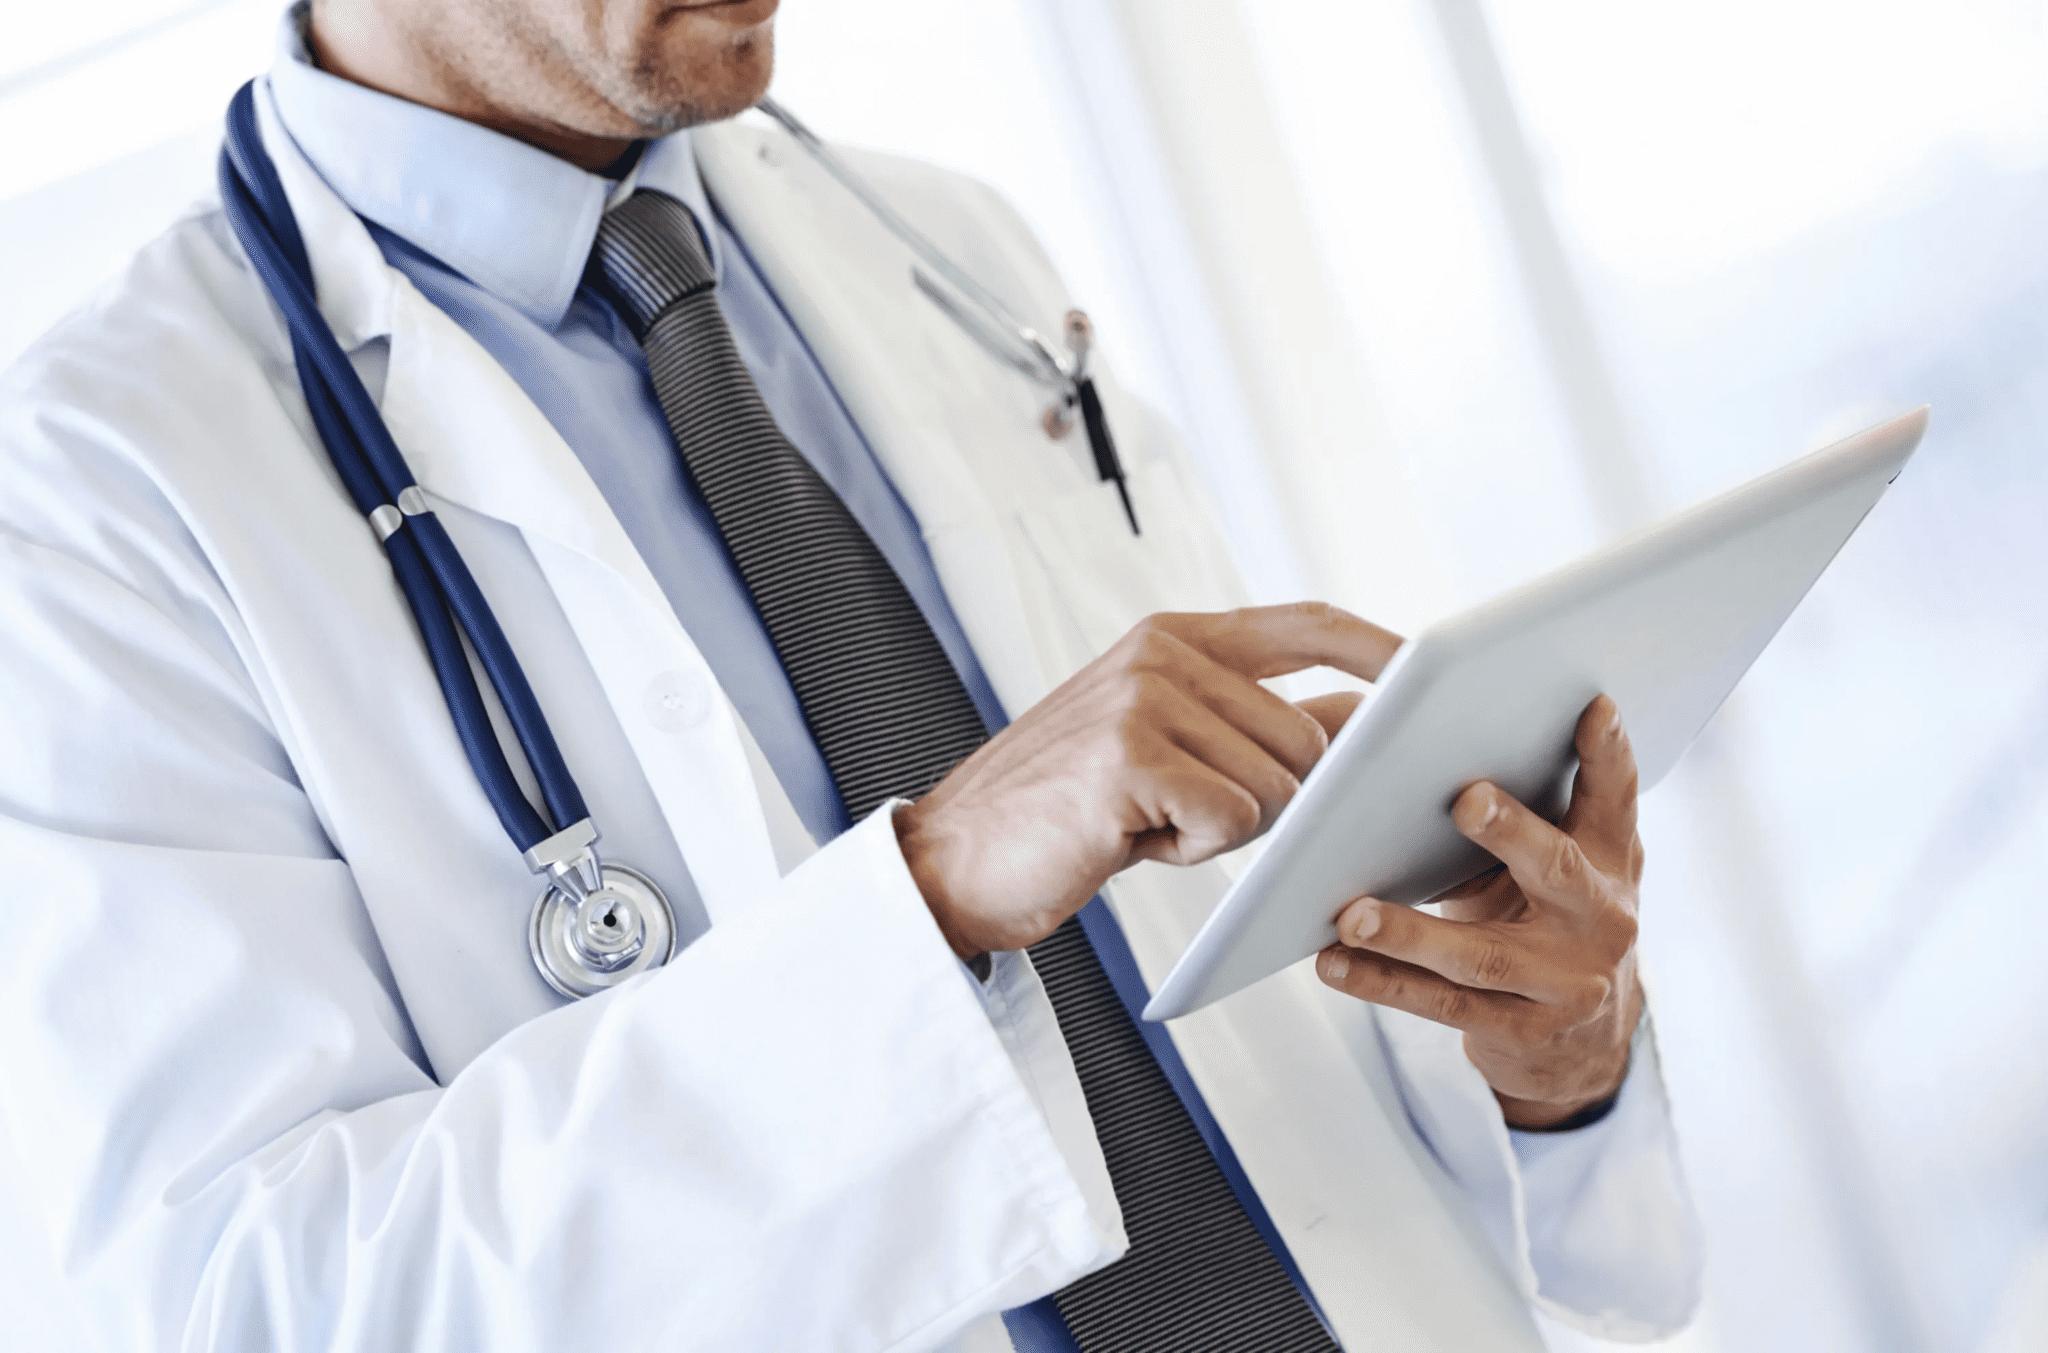 Специфика операции по обрезанию крайней плоти у мужчин